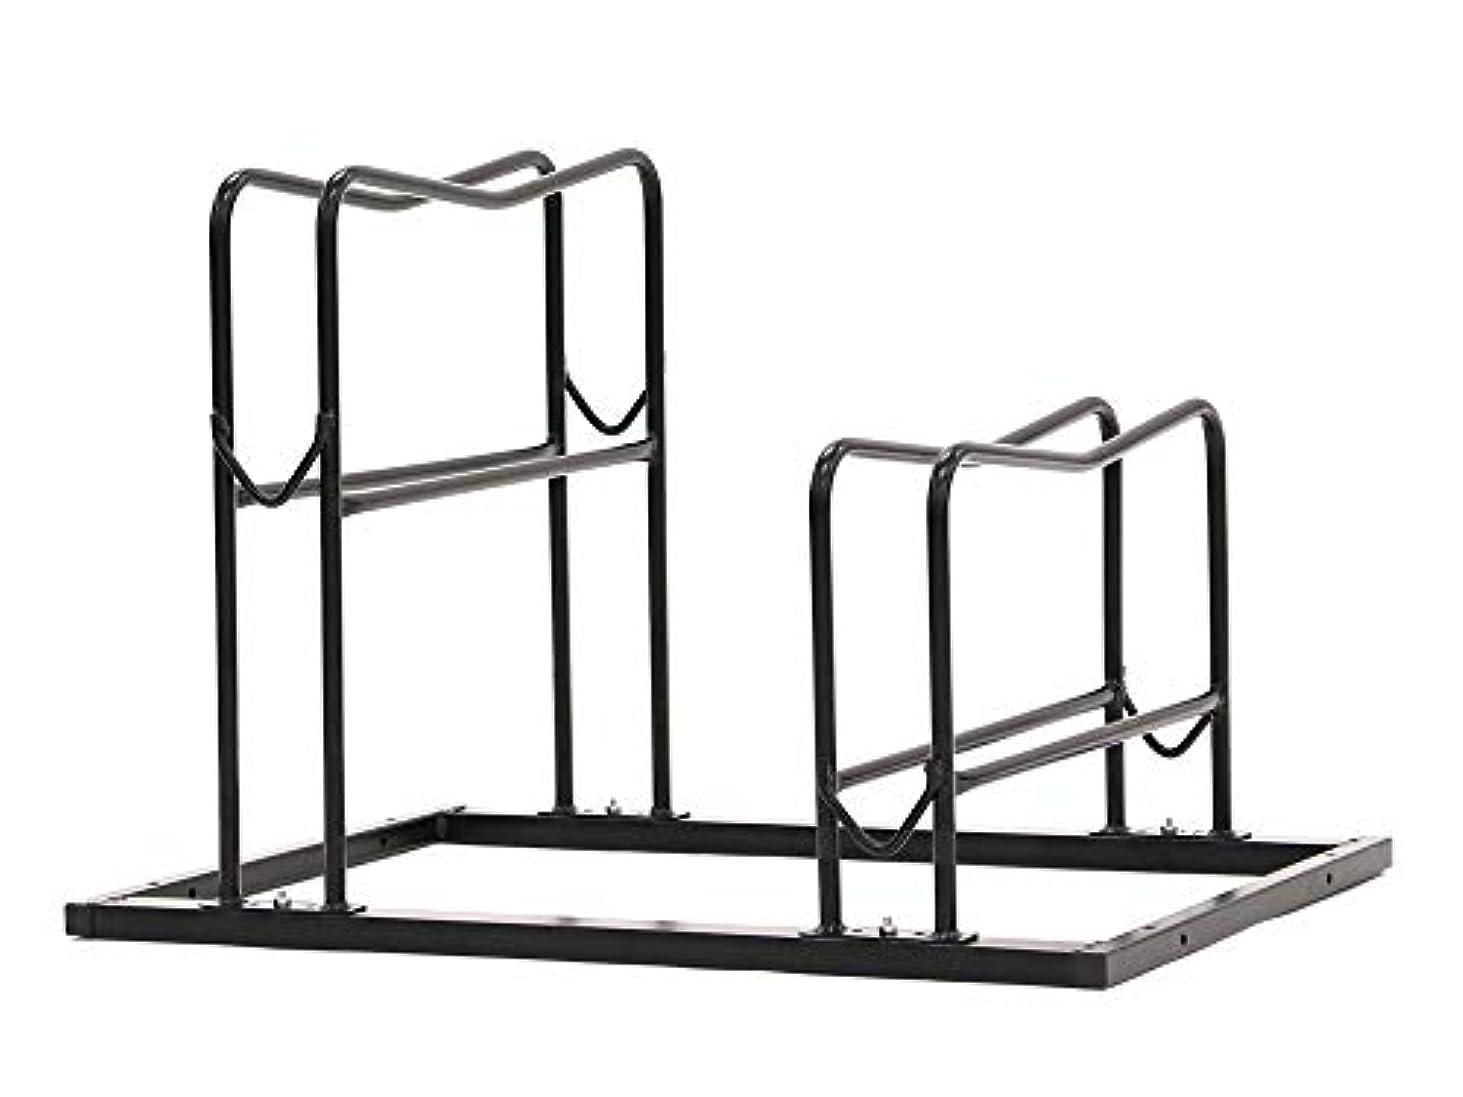 スーツケース不明瞭可決Vélo Line(ベロライン) 2台用段差付き室外用自転車スタンド 86949-0099